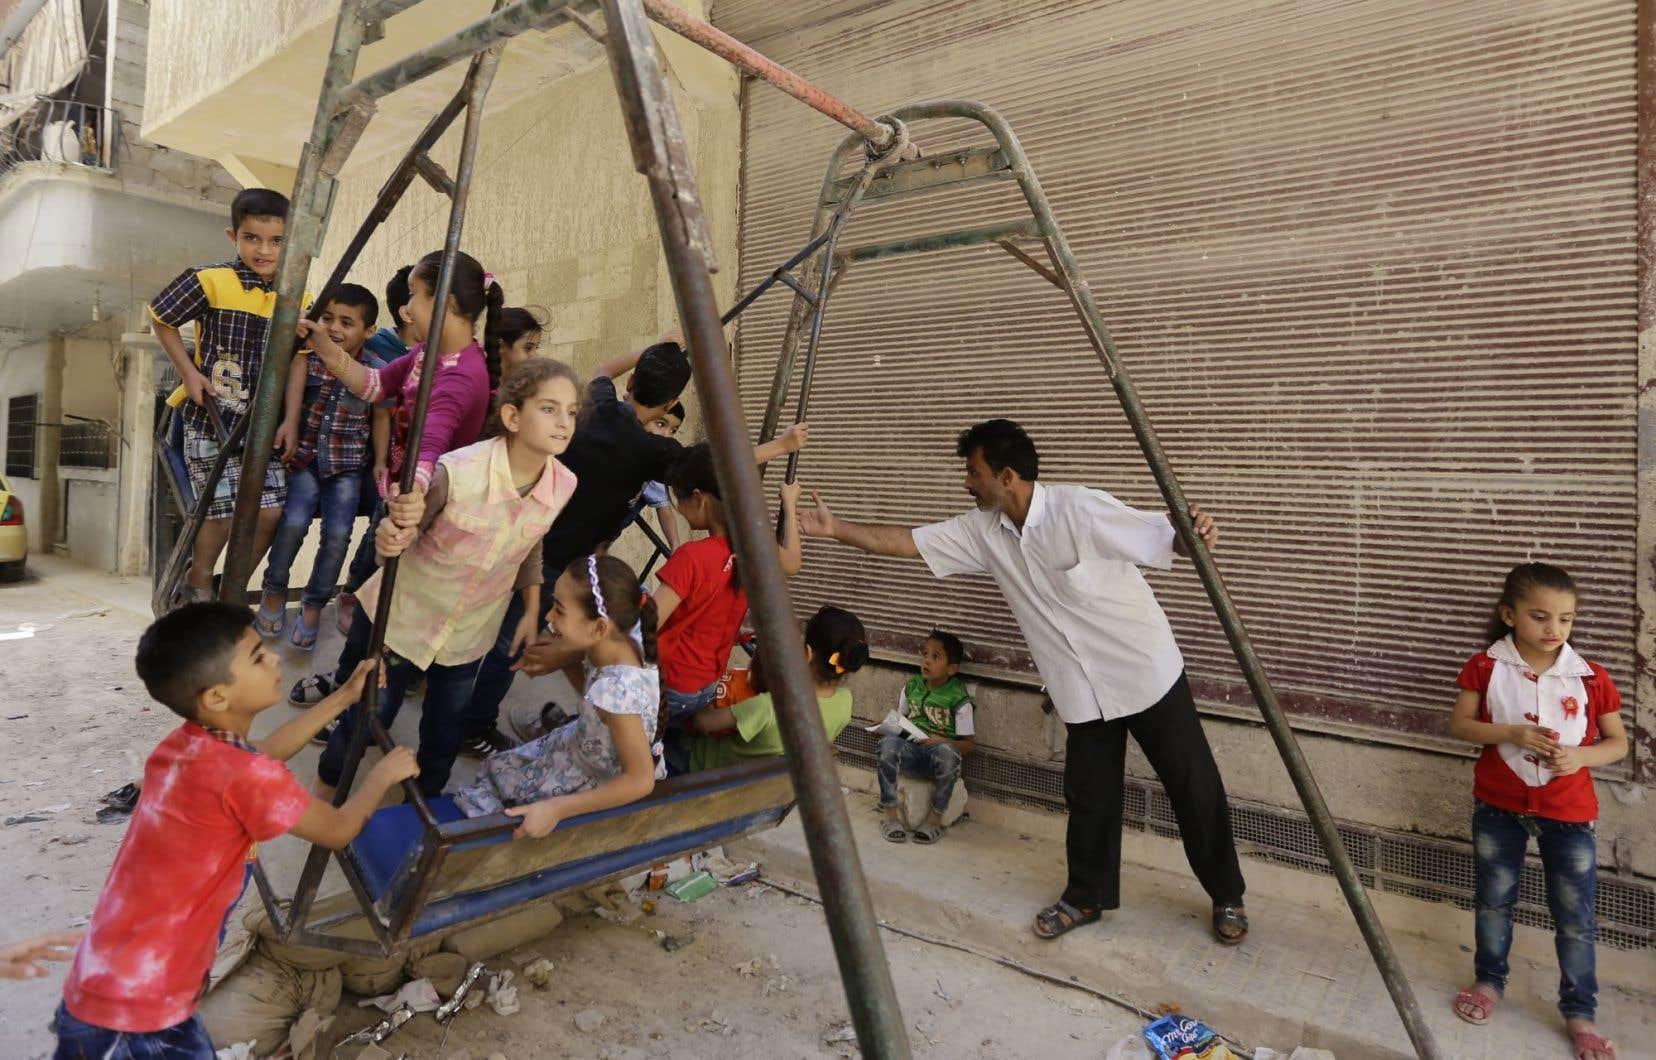 <p>Dans de nombreuses villes et localités, comme ici à Damas, l'heure était au soulagement.</p>